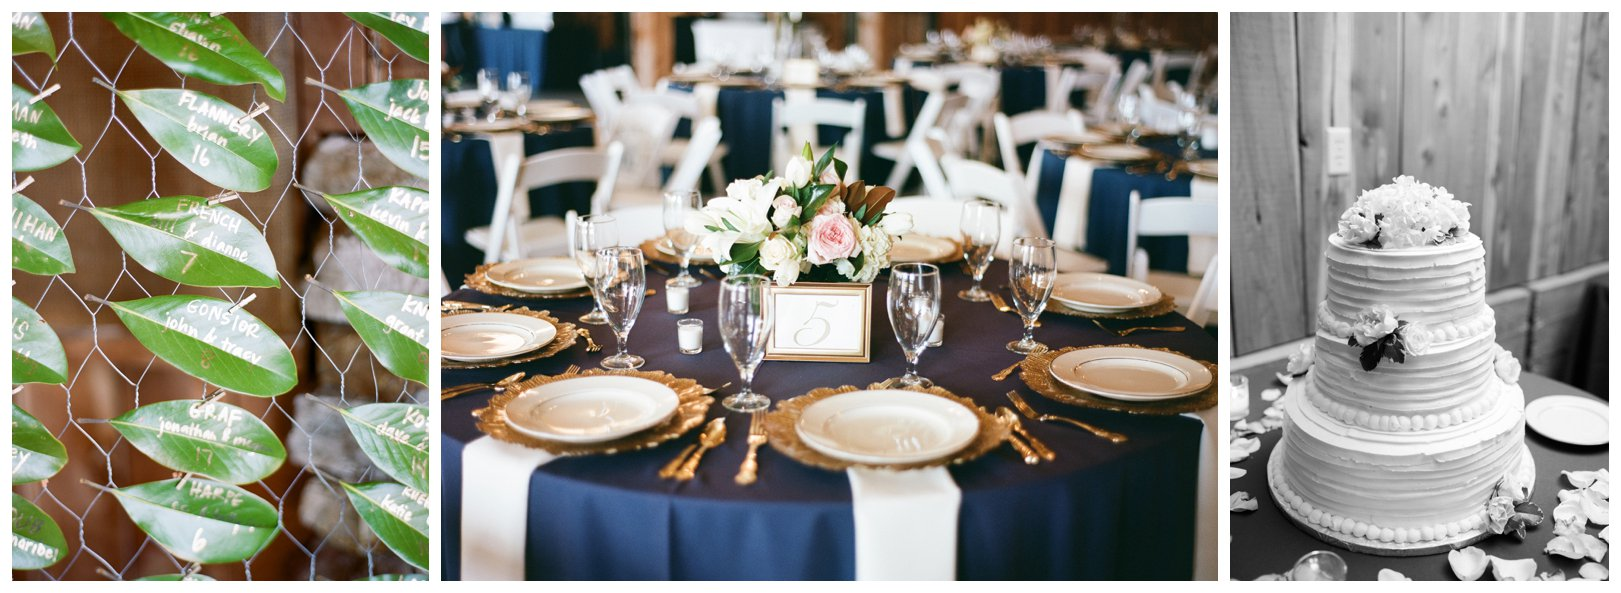 lauren muckler photography_fine art film wedding photography_st louis_photography_0995.jpg